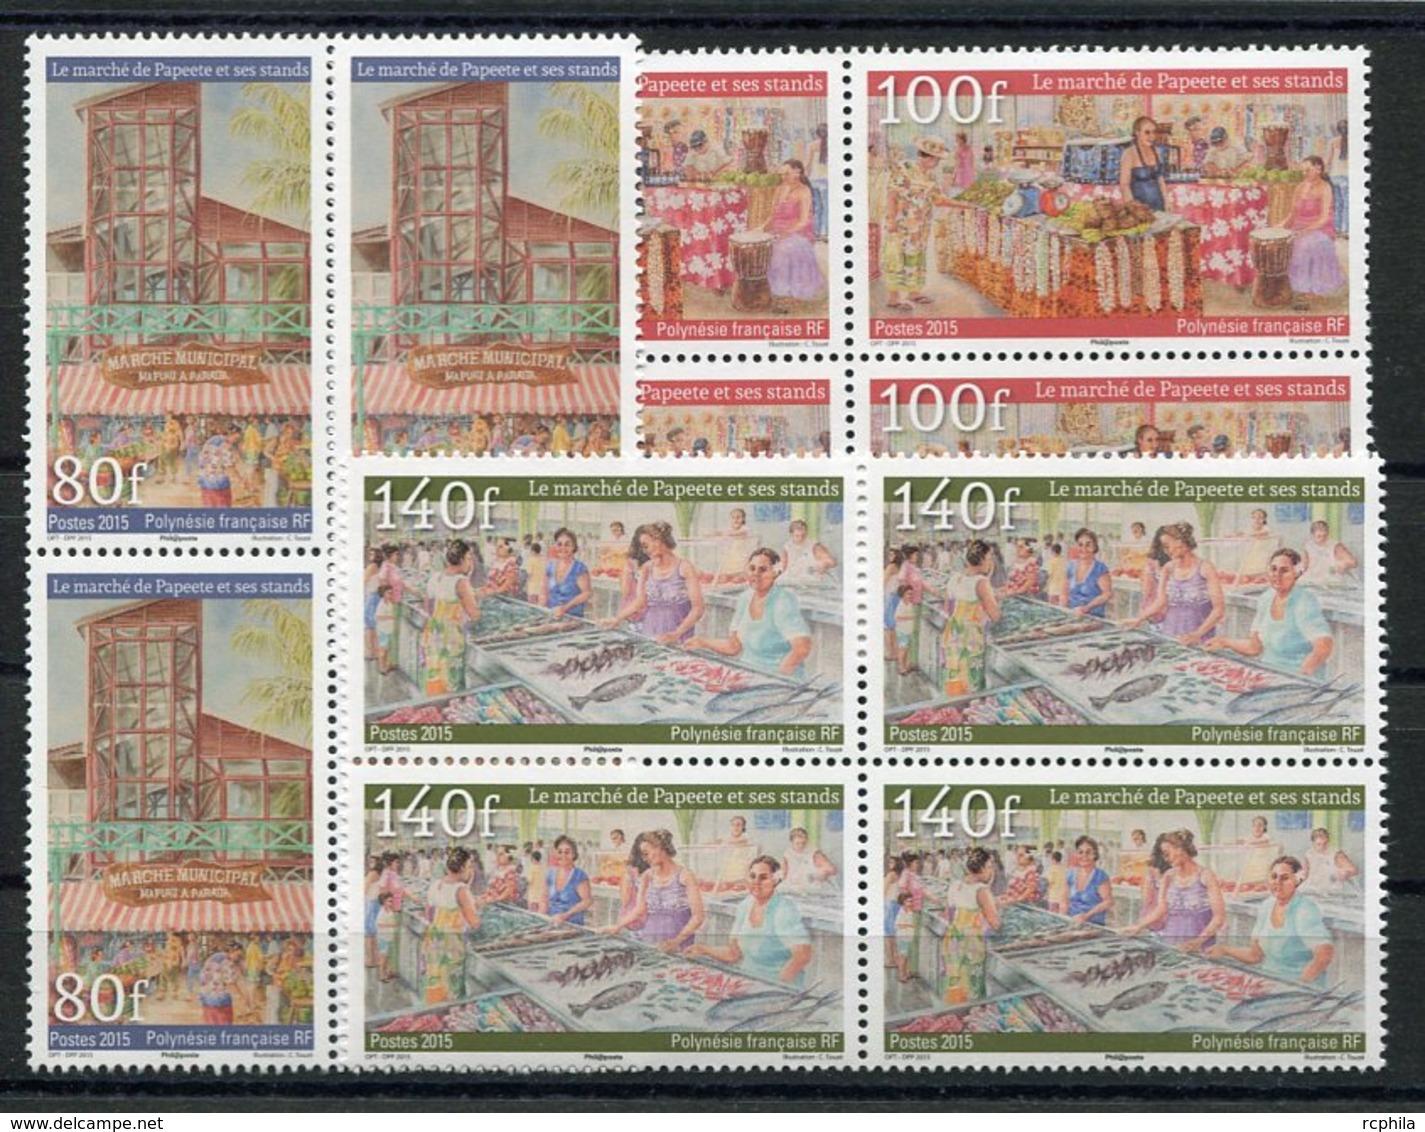 RC 12741 POLYNÉSIE N° 1107 / 1109 SÉRIE LE MARCHÉ DE PAPEETE BLOCS DE 4 NEUF ** - Polynésie Française